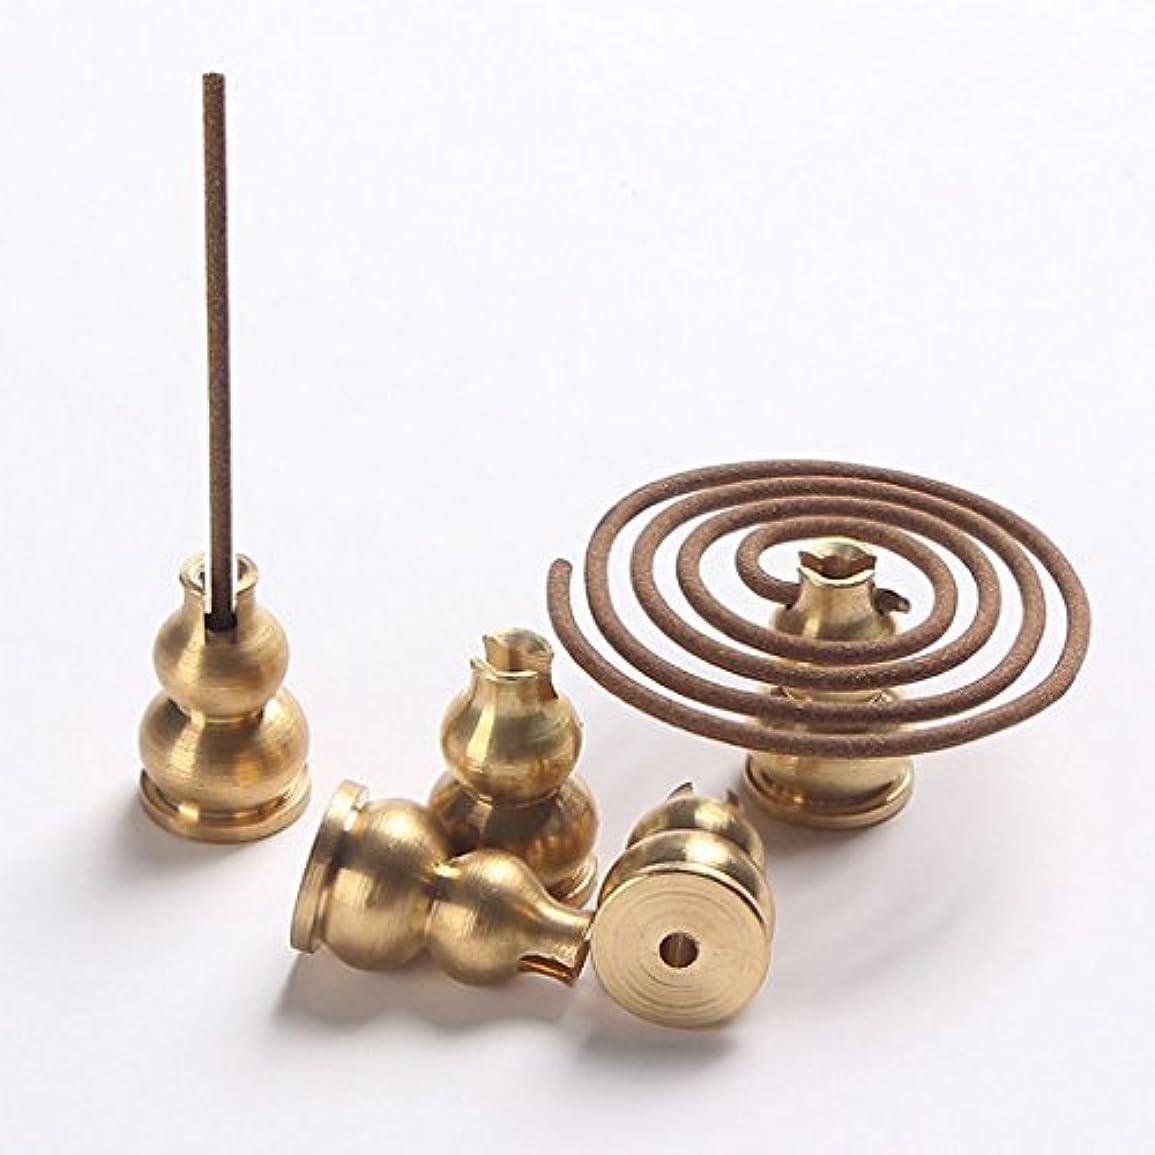 メーカータバコトーナメントFutuHome 3mm真鍮のひょうたんバーナーホルダーキャッチャーコイルの棒の香